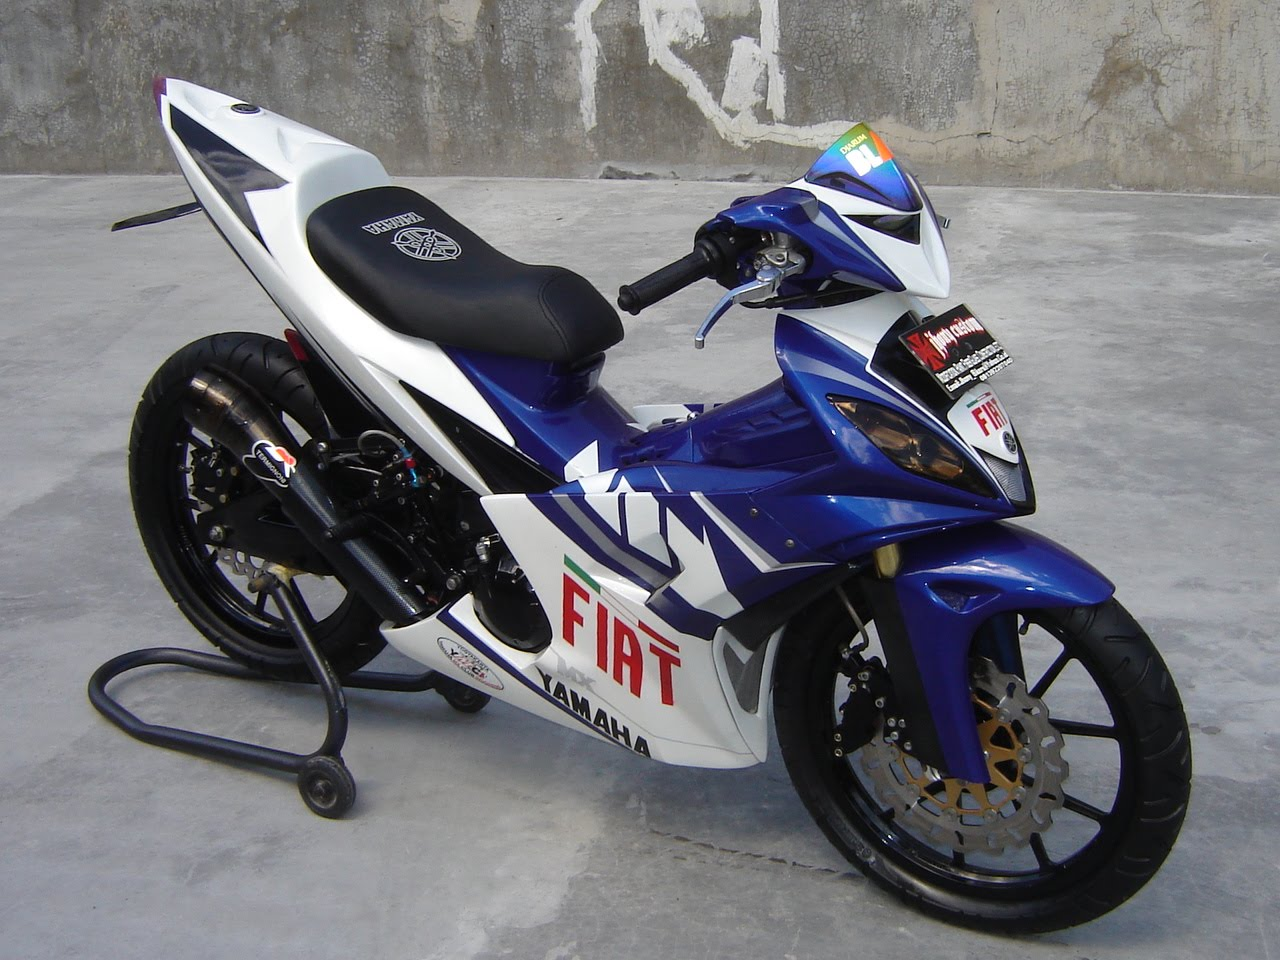 Gambargambar modifikasi sepeda motor Paling Keren dan